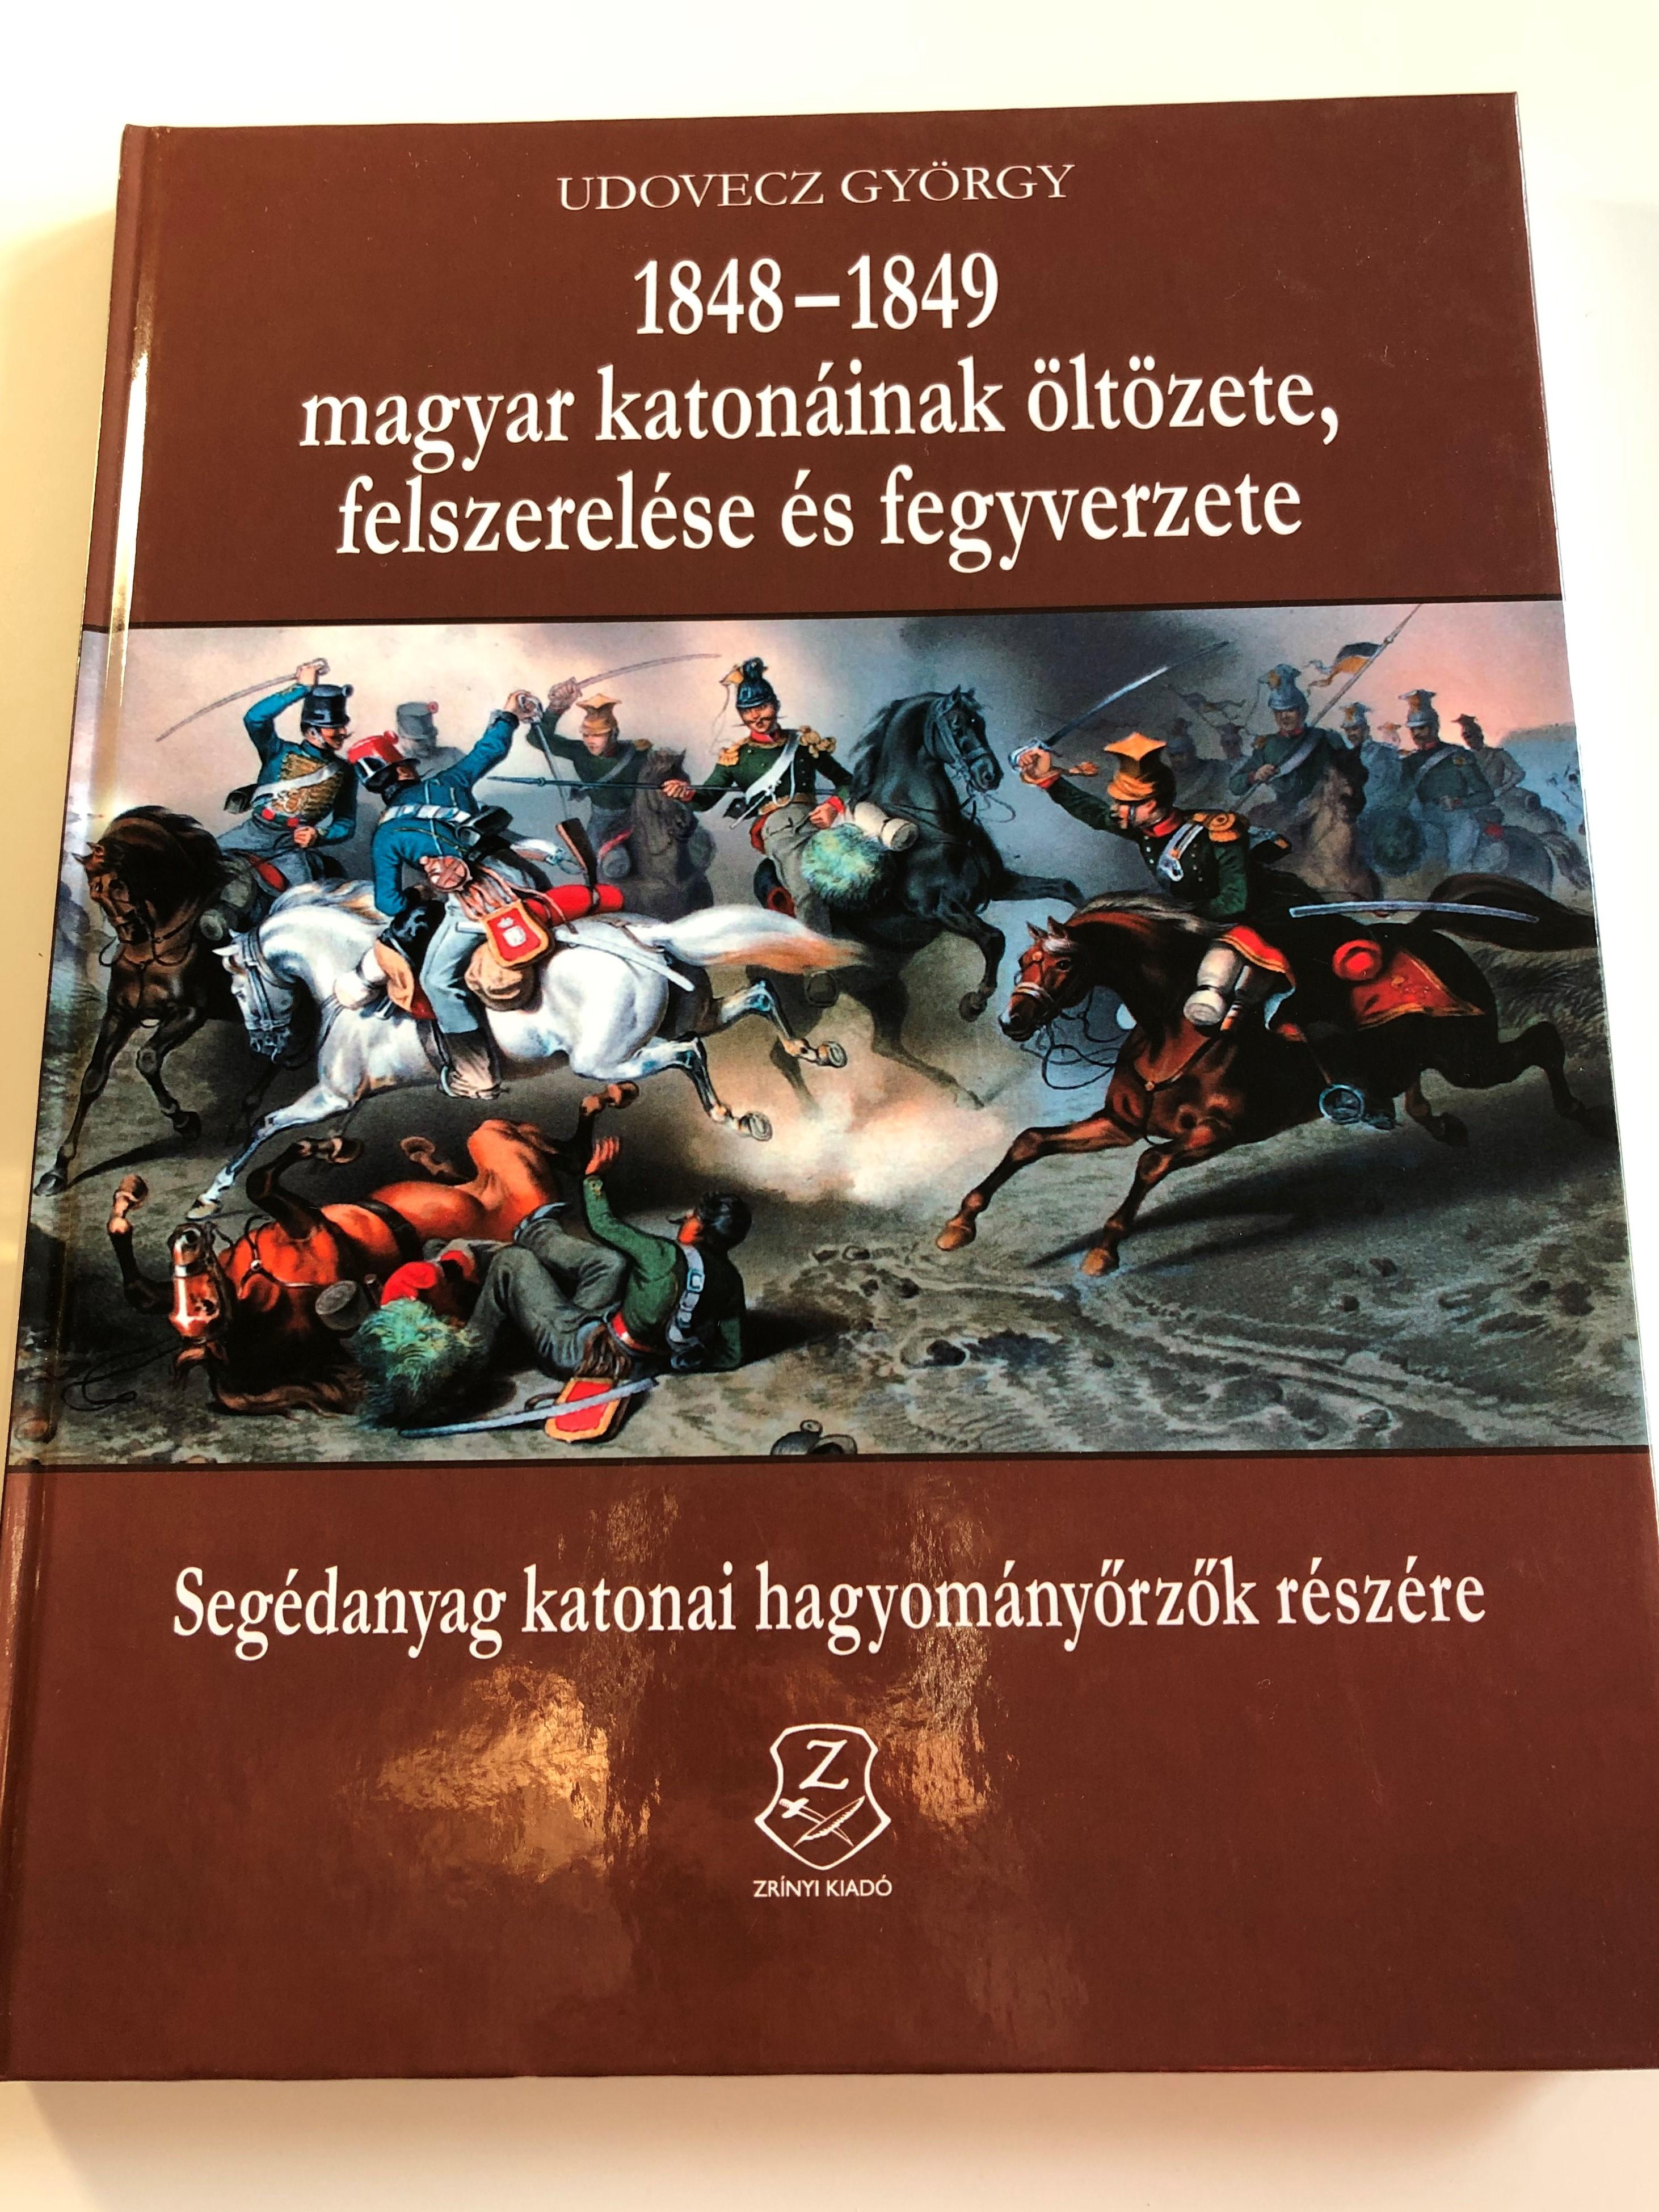 1848-1849-magyar-katon-inak-lt-zete-felszerel-se-s-fegyverzete-by-udovecz-gy-rgy-1.jpg